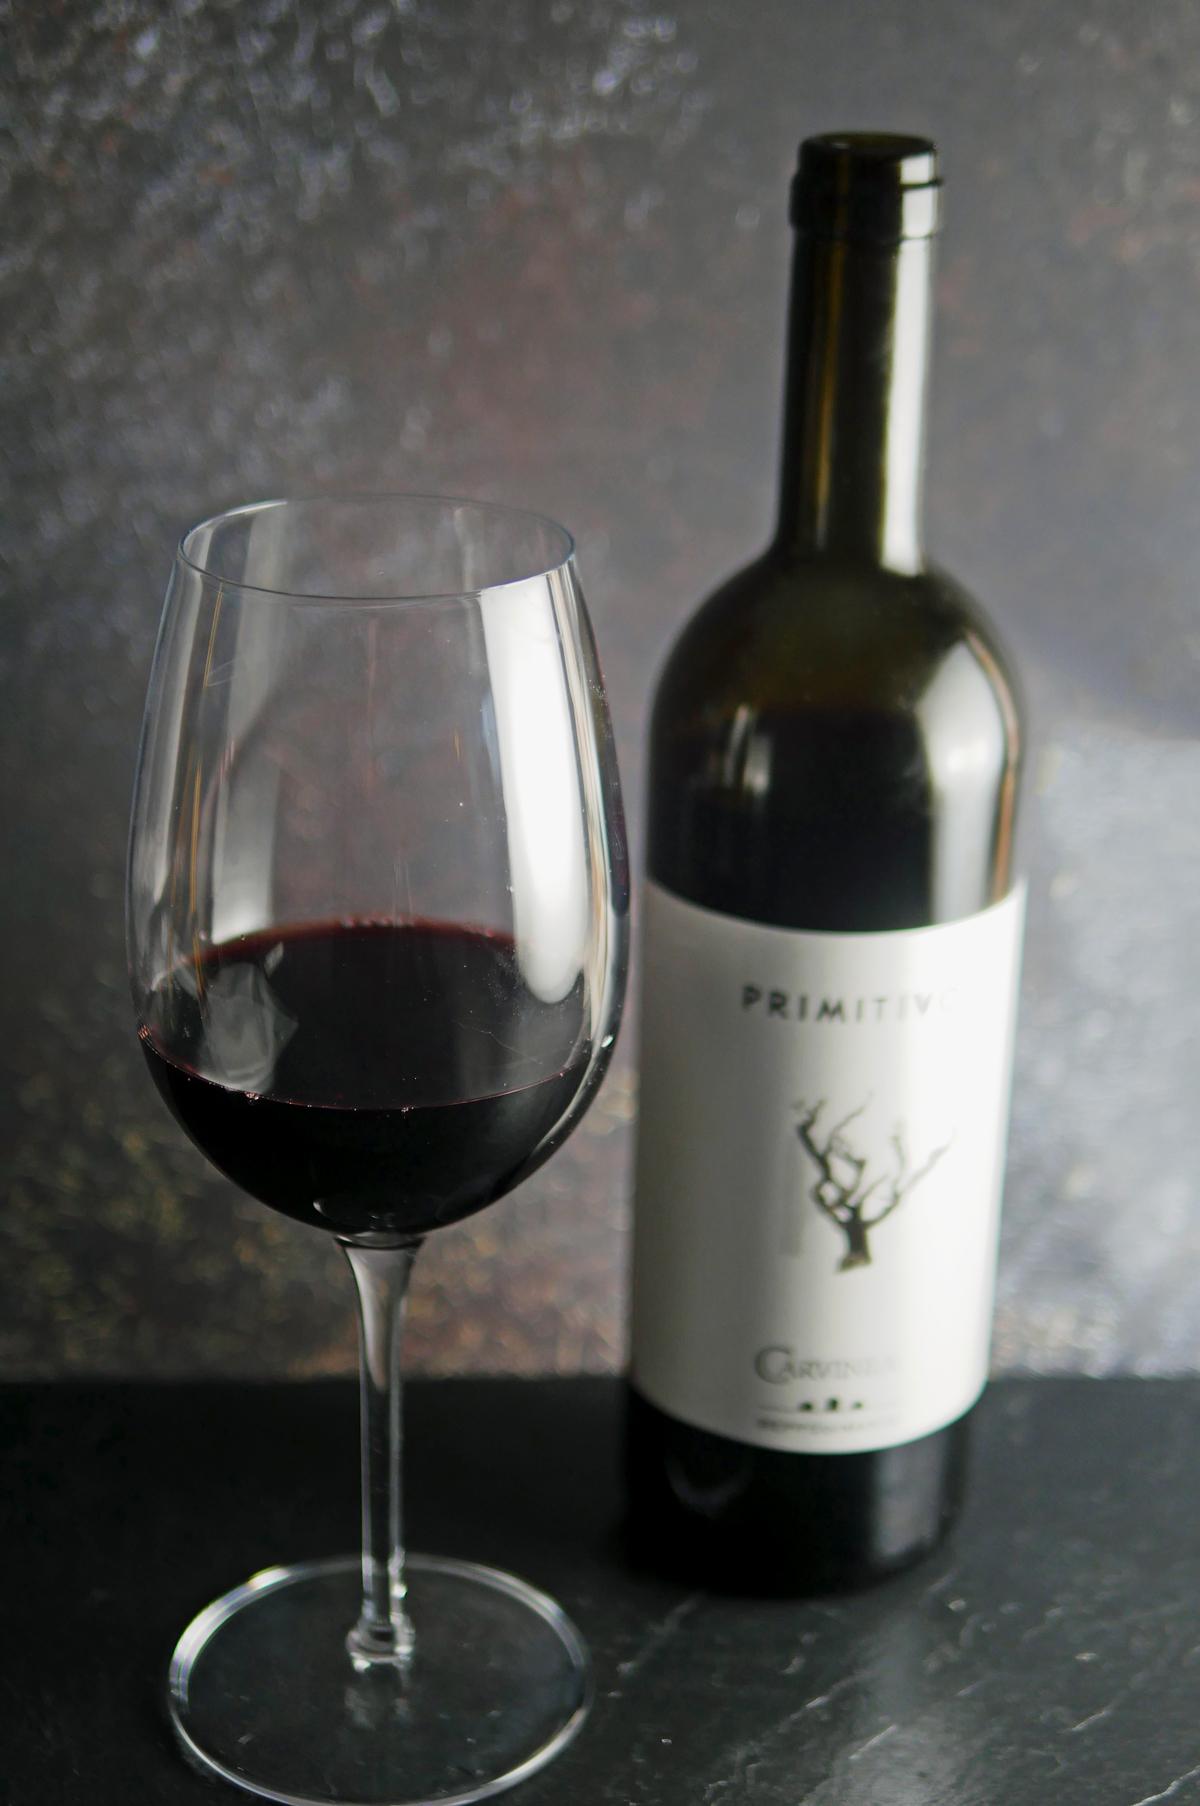 Primitivo Wine from Carvinea, Puglia